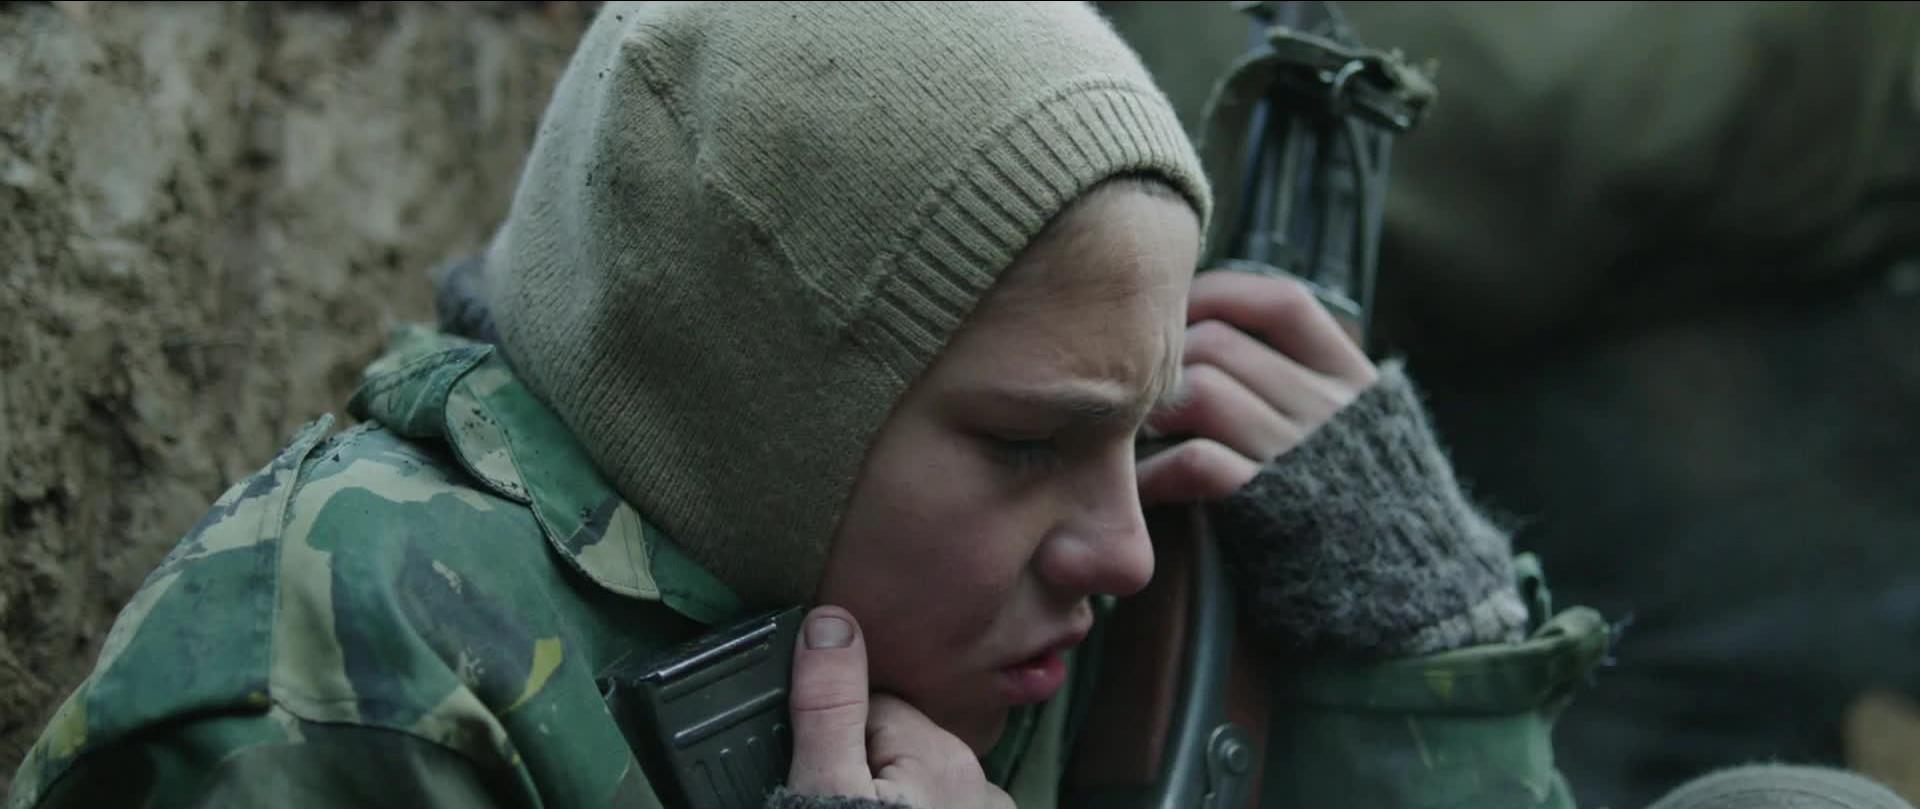 No One's Child: il giovane Denis Muric in una scena del dramma di Vuk Rsumovic